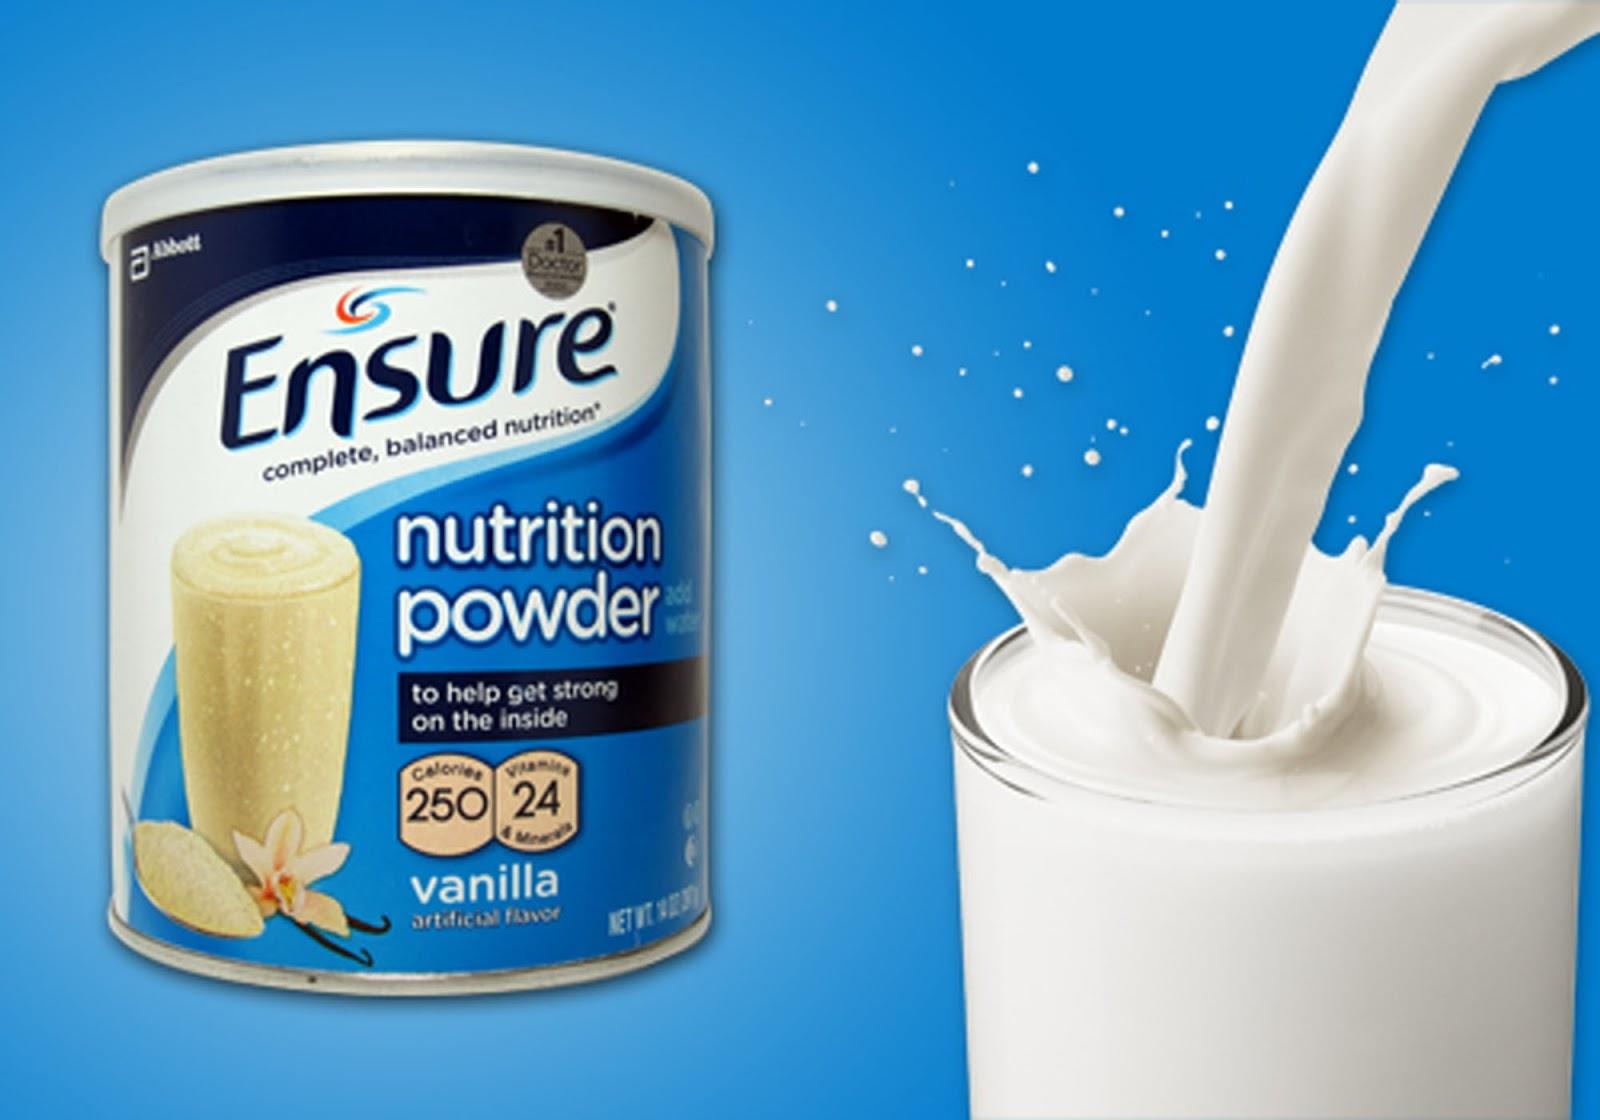 Người đau dạ dày có uống sữa ensure được không? - Tỳ Bách Thảo